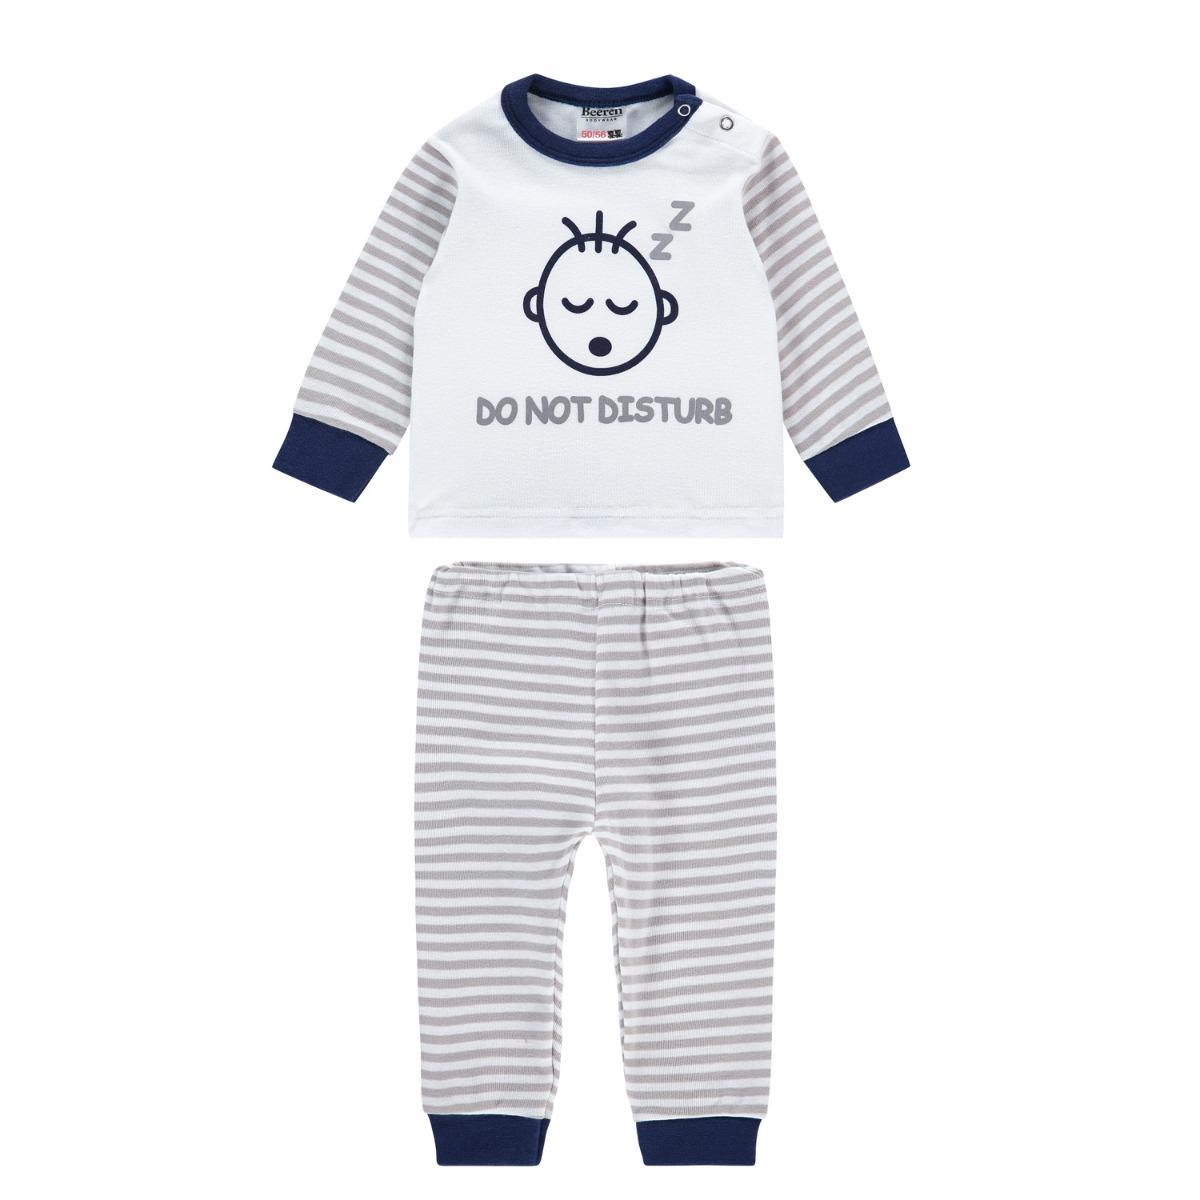 Beeren M3000 Baby Pyjama Do Not Disturb Grey 62/68